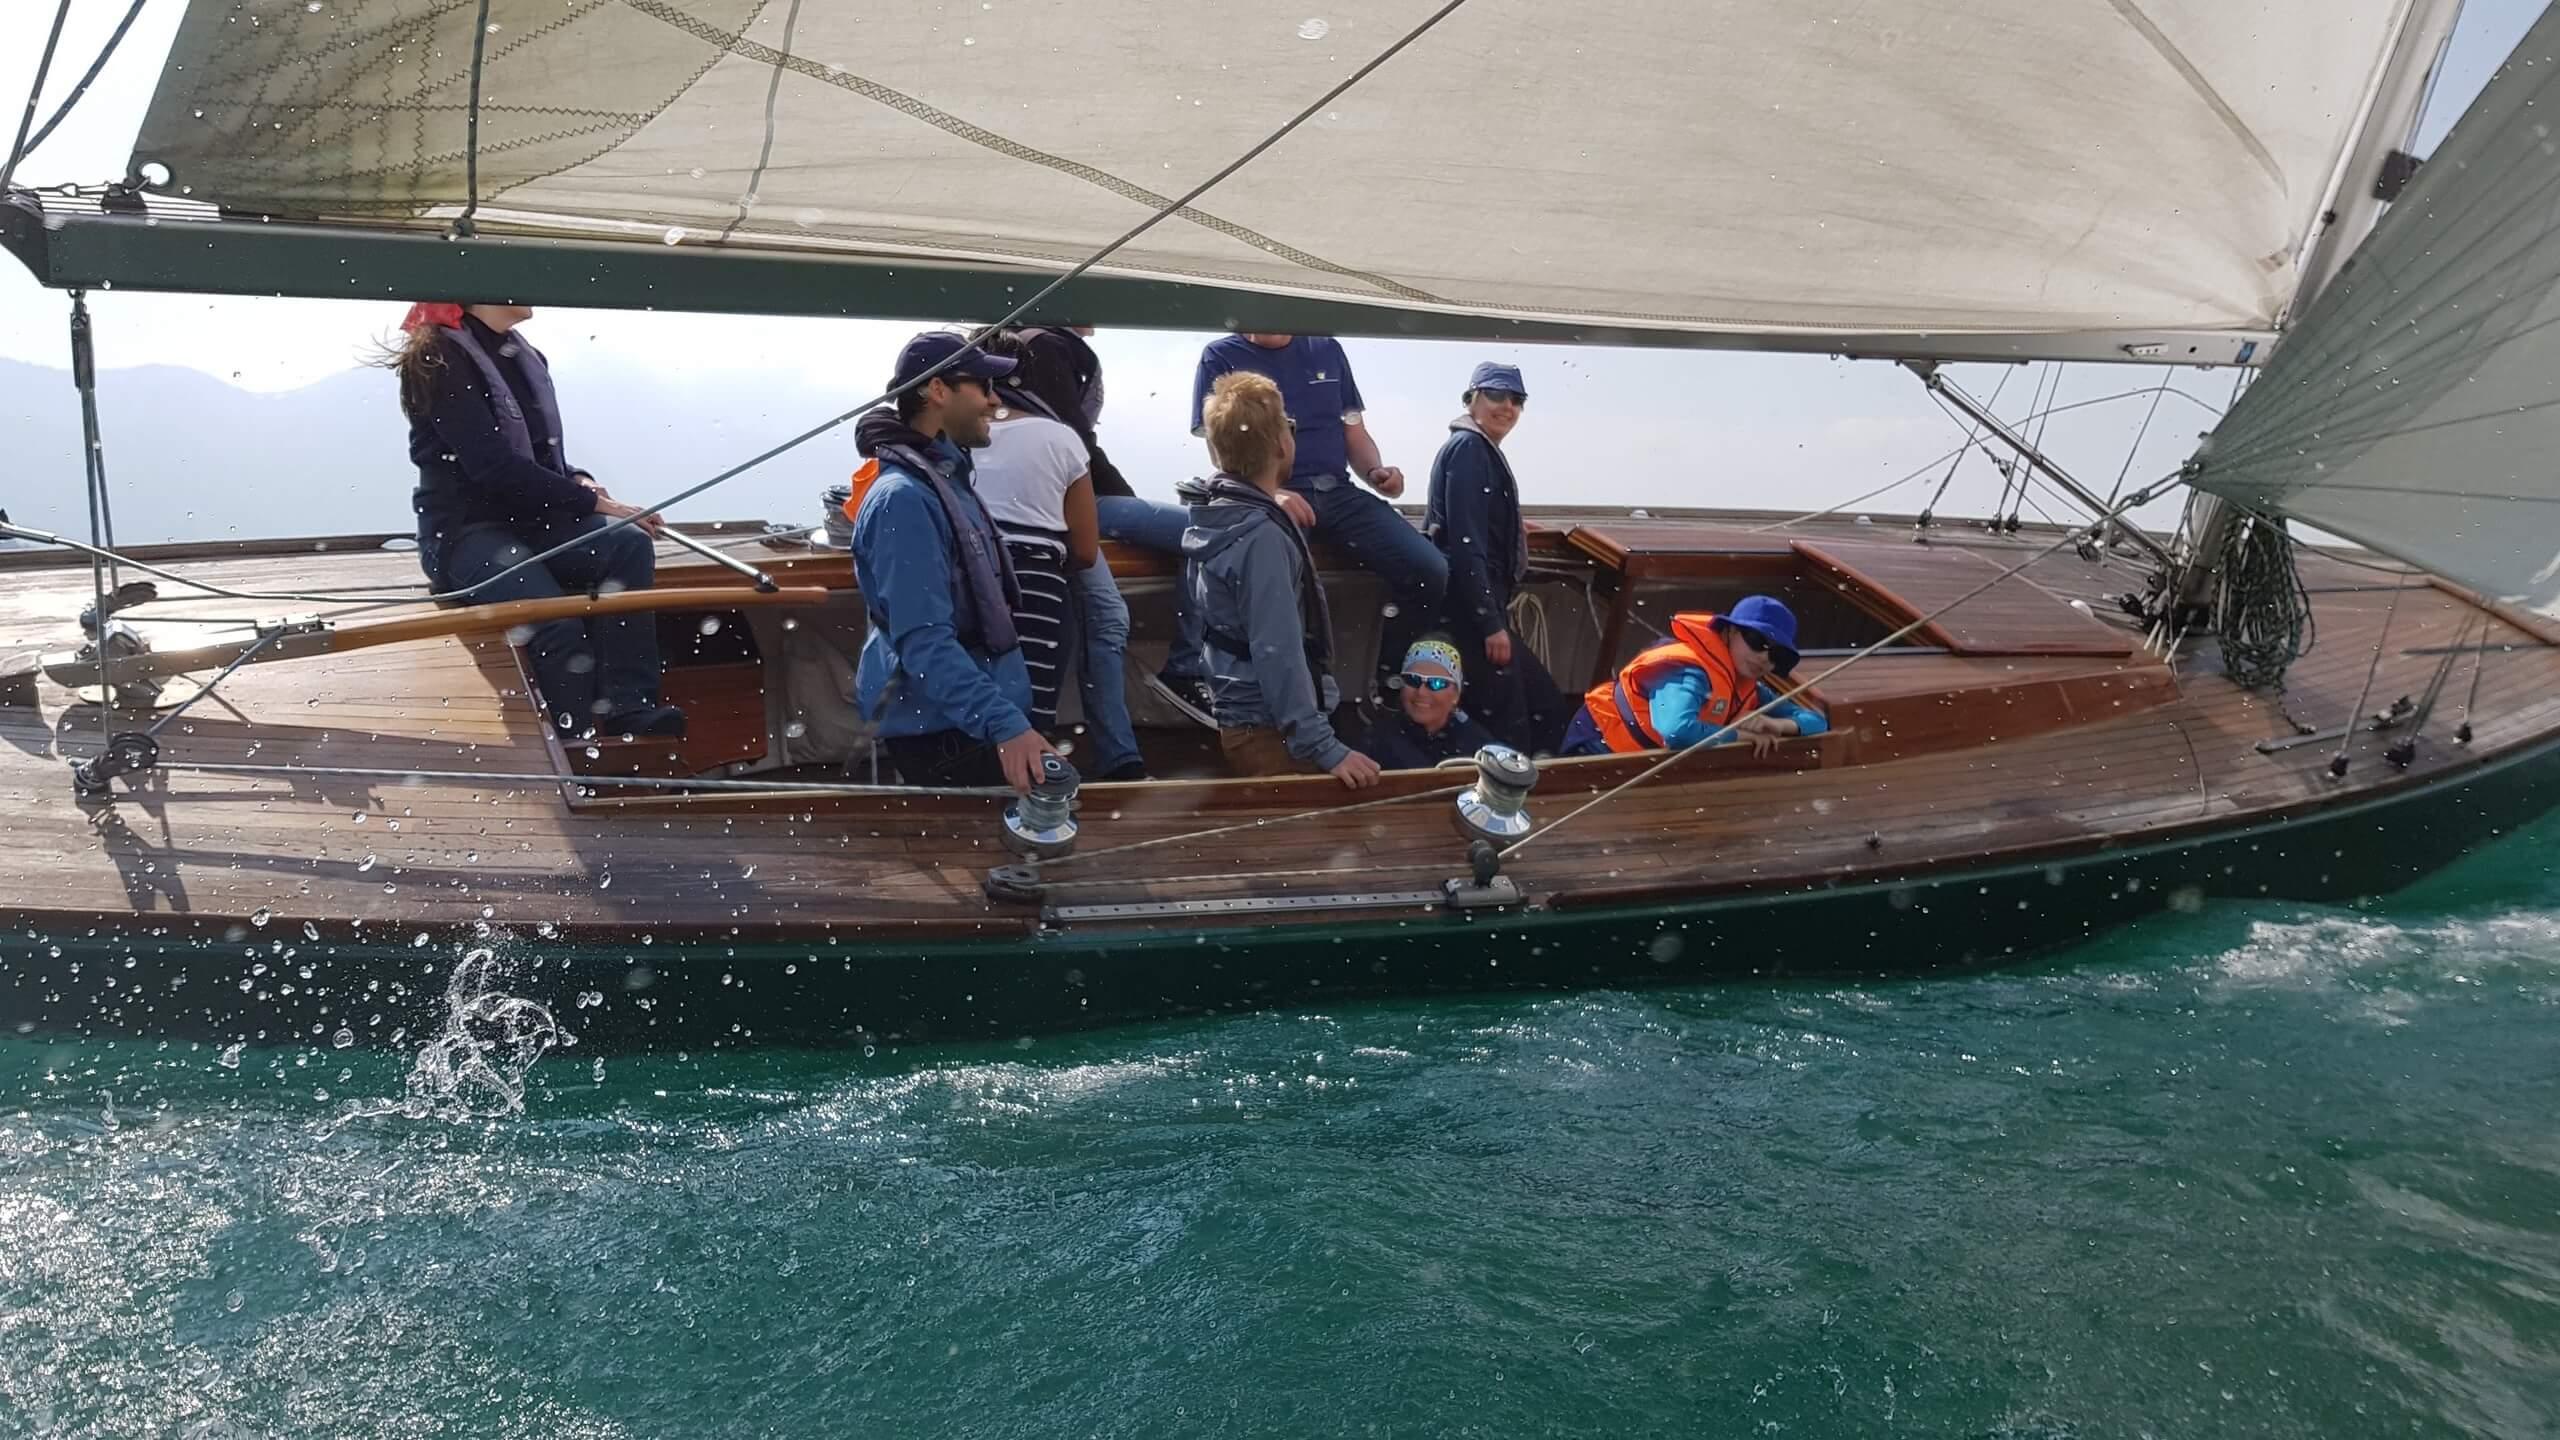 spiez-segelschule-donnerstag-abend-thunersee-segeln-sommer